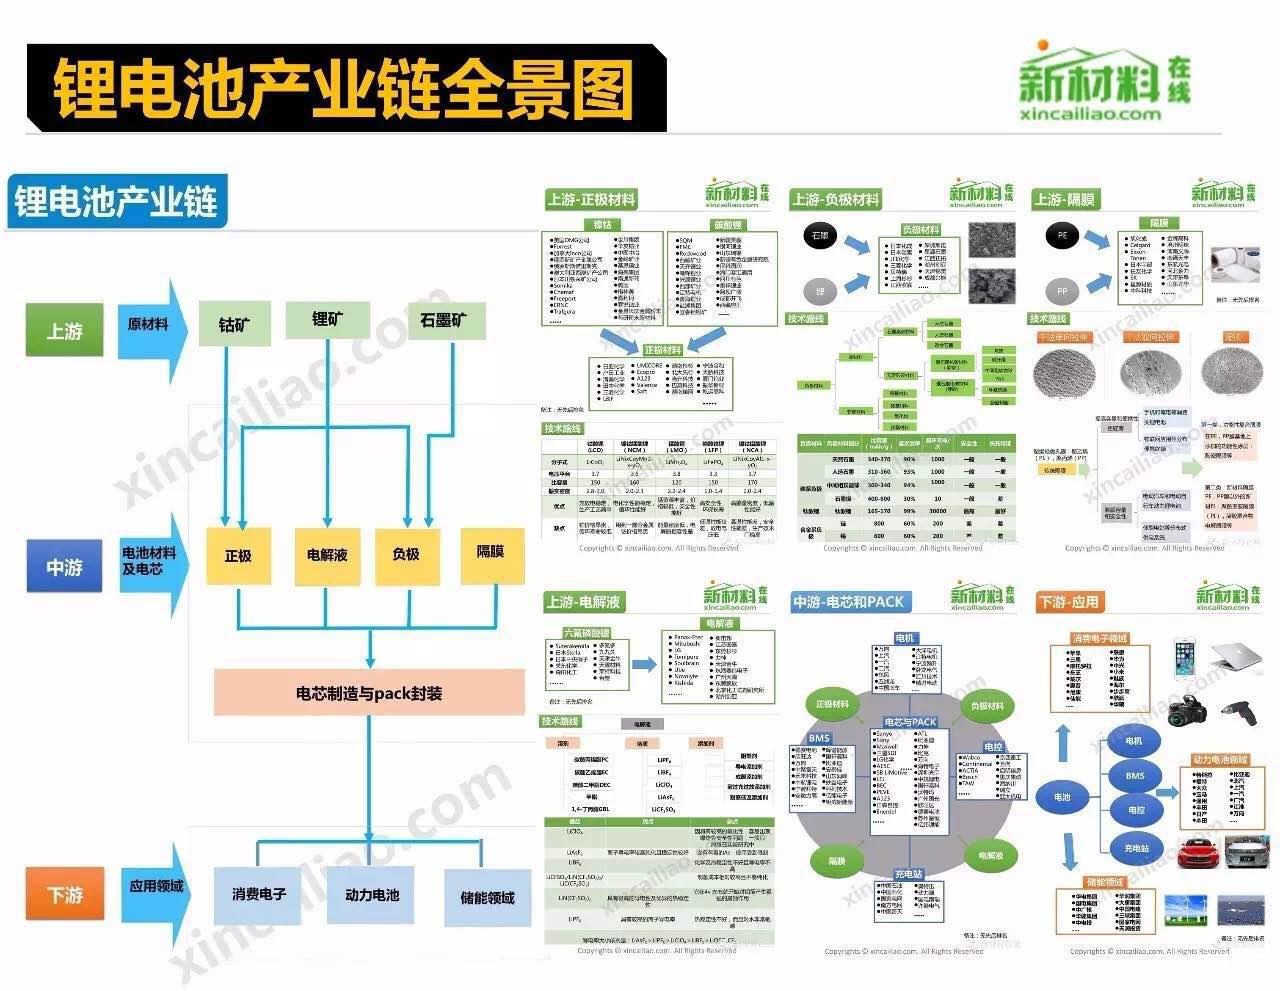 锂电池产业链全景图